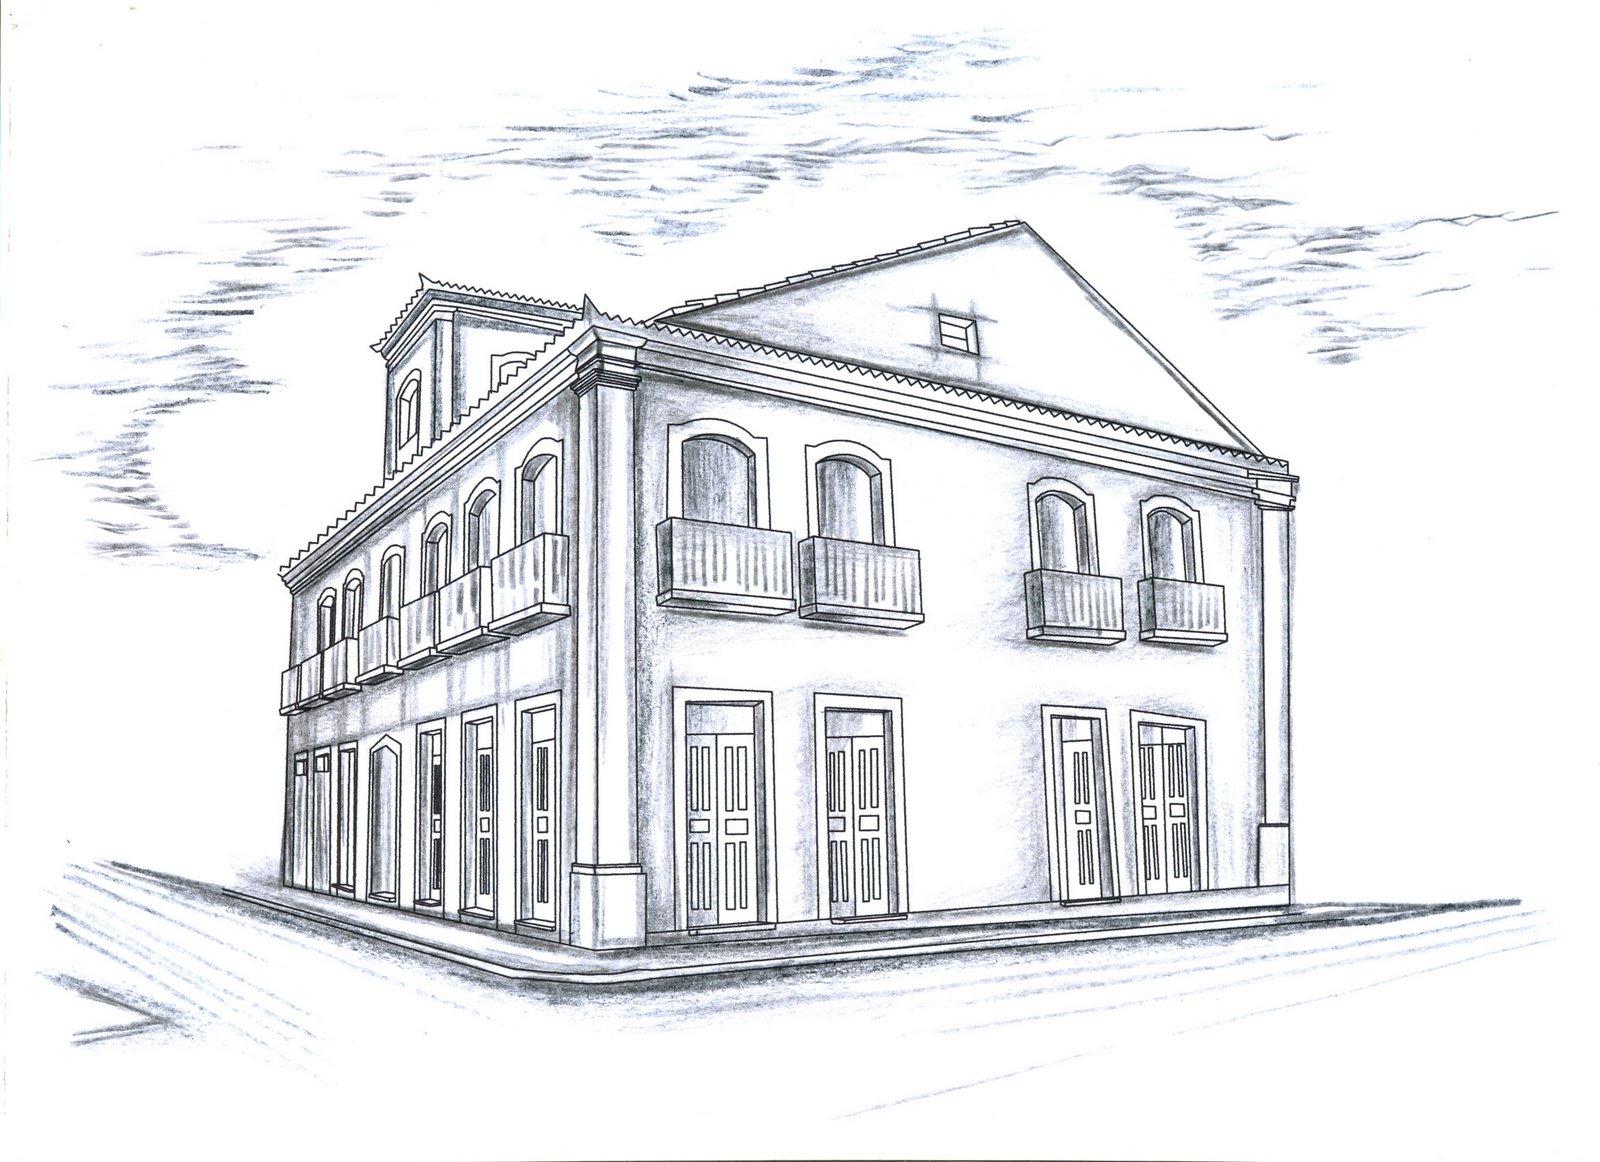 Modelos de casas desenhos preto e branco para colorir - Casa para pintar ...